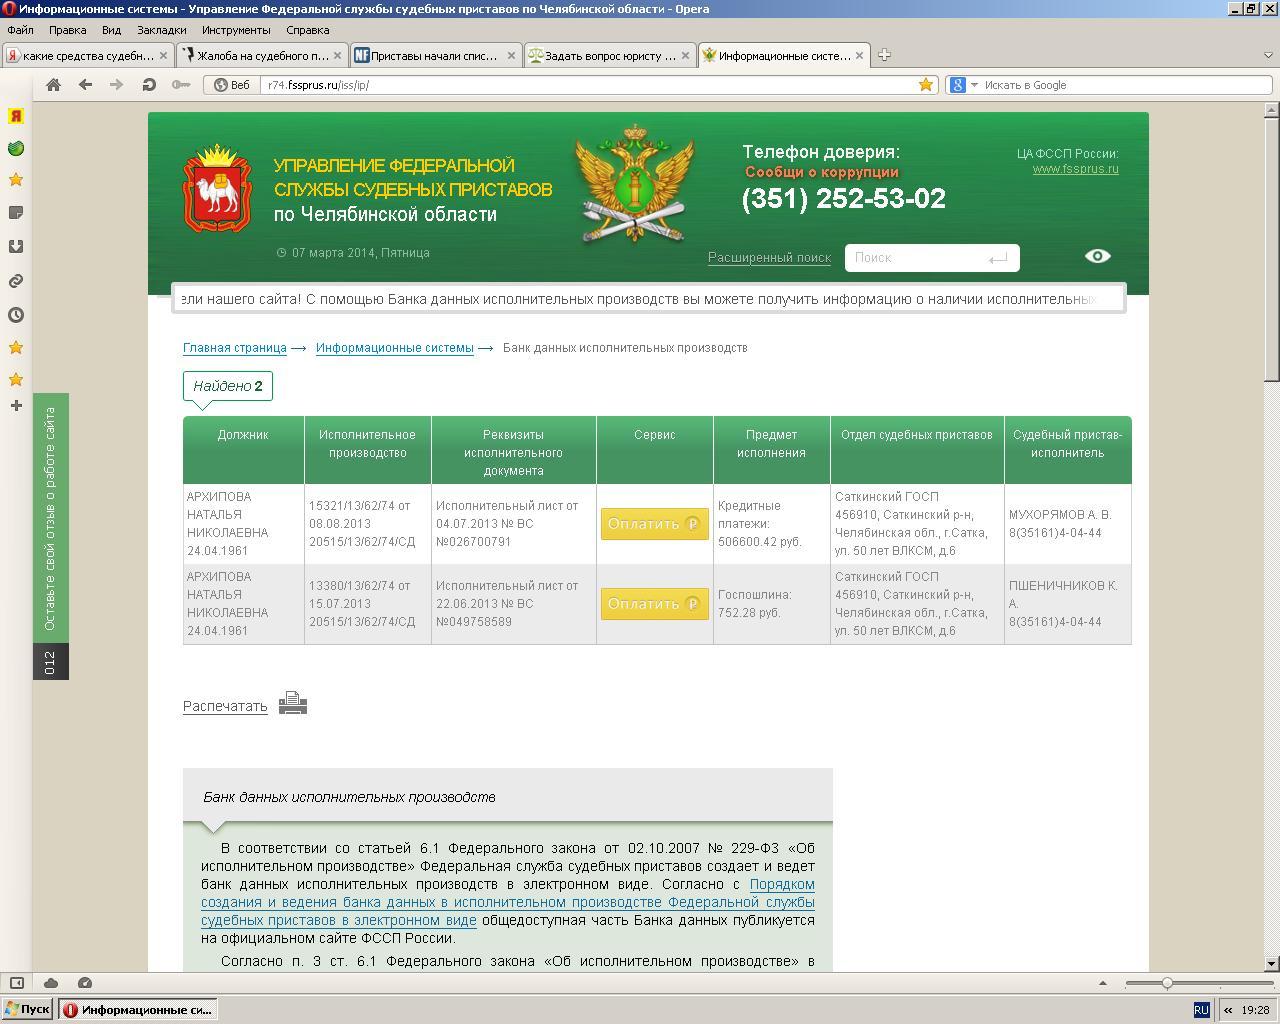 куплю автосигнализацию в кредит в новосибирске